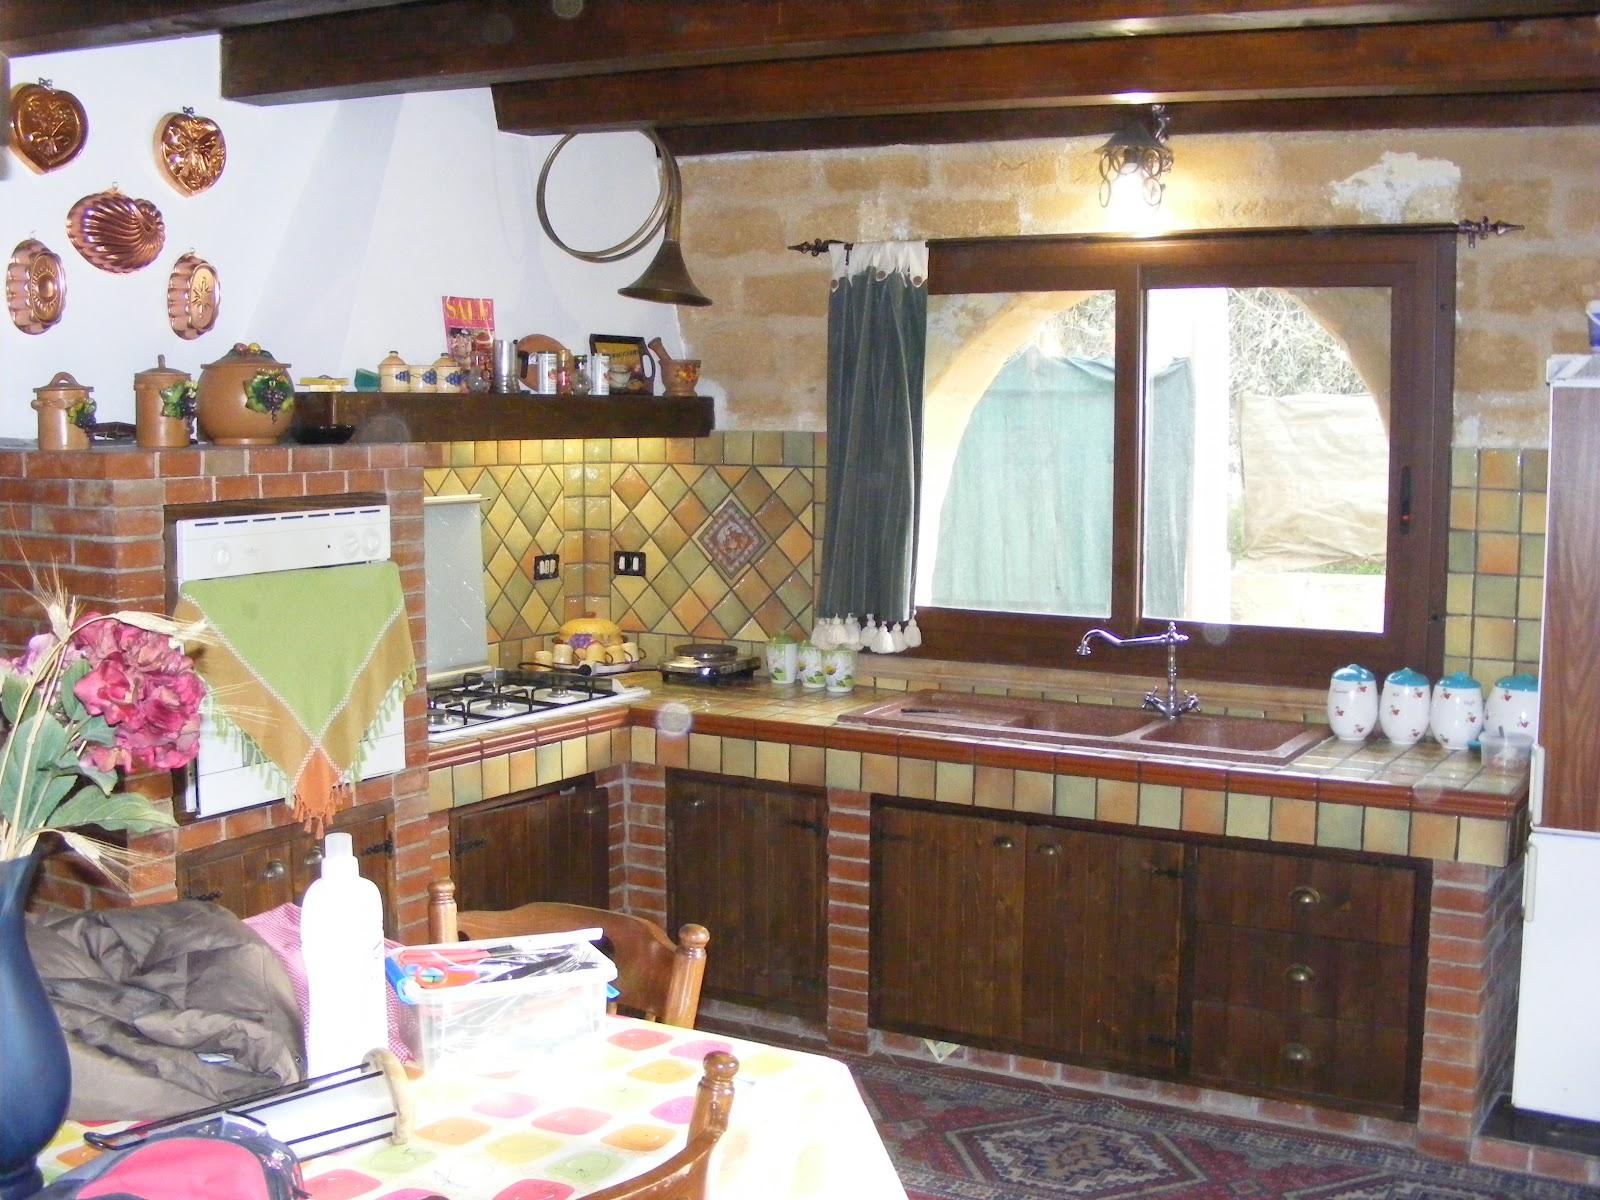 Piastrelle per cucina vietri: cucina con piastrelle colorate